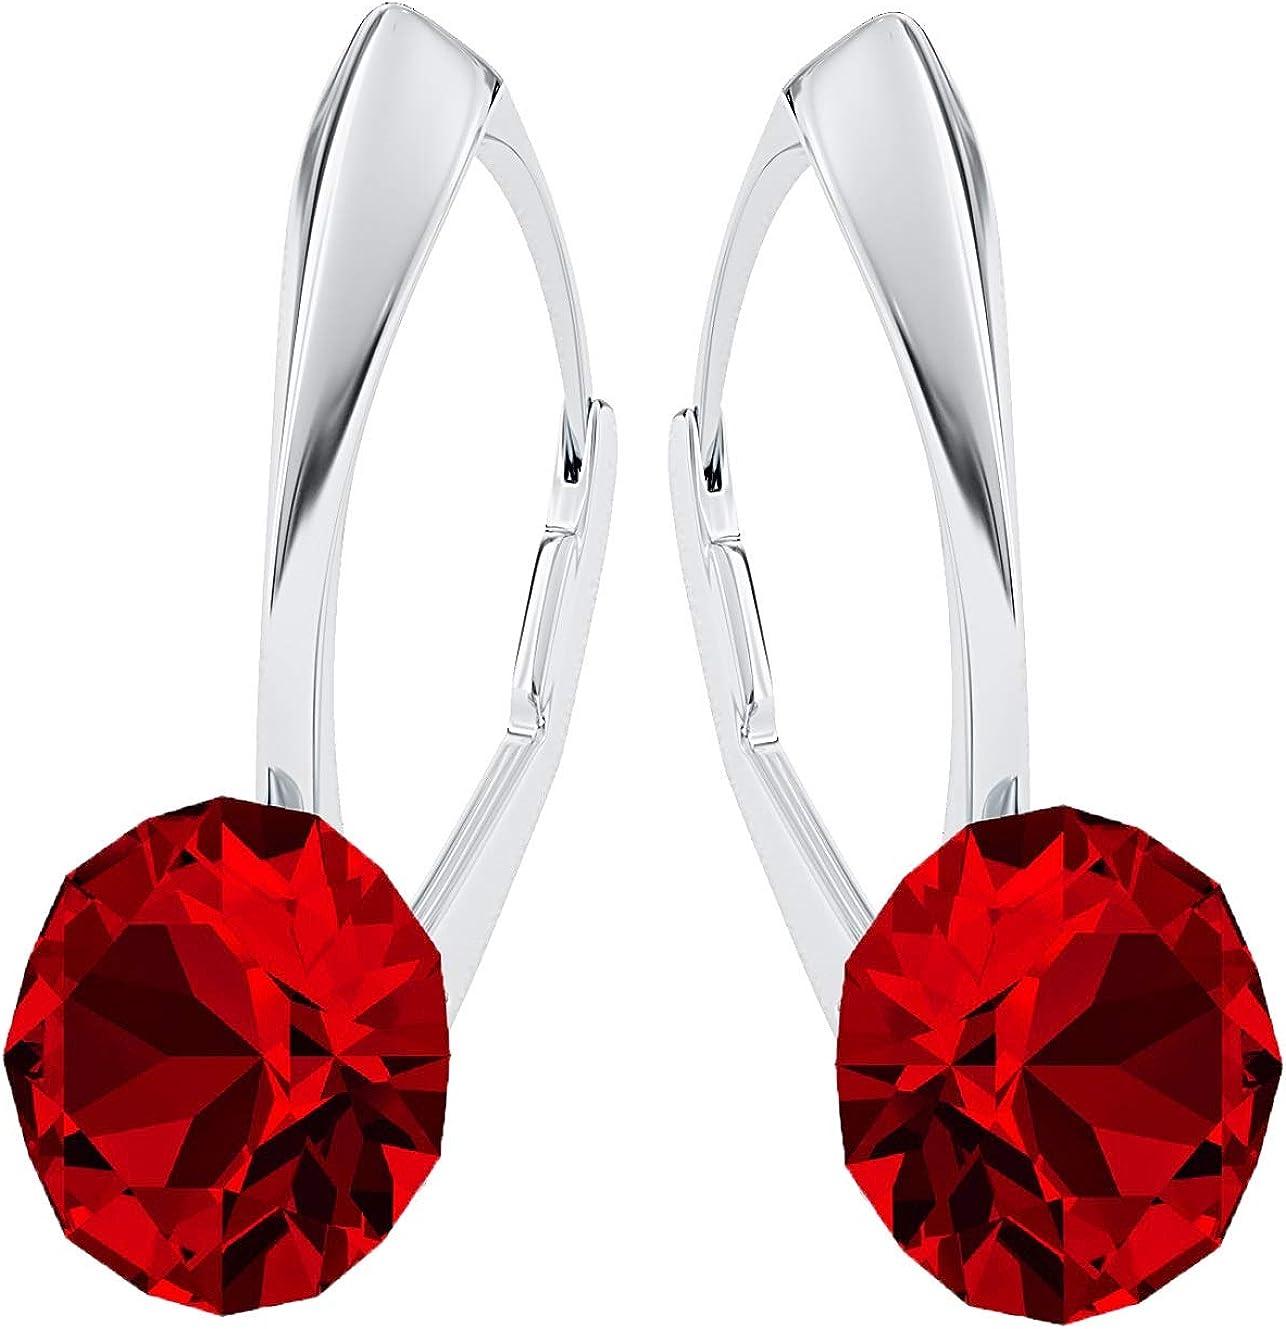 Pendientes Crystals & Stones Xirius PIN/75, con cristales de Swarovski®, de plata de ley 925, en muchos colores, con caja de regalo